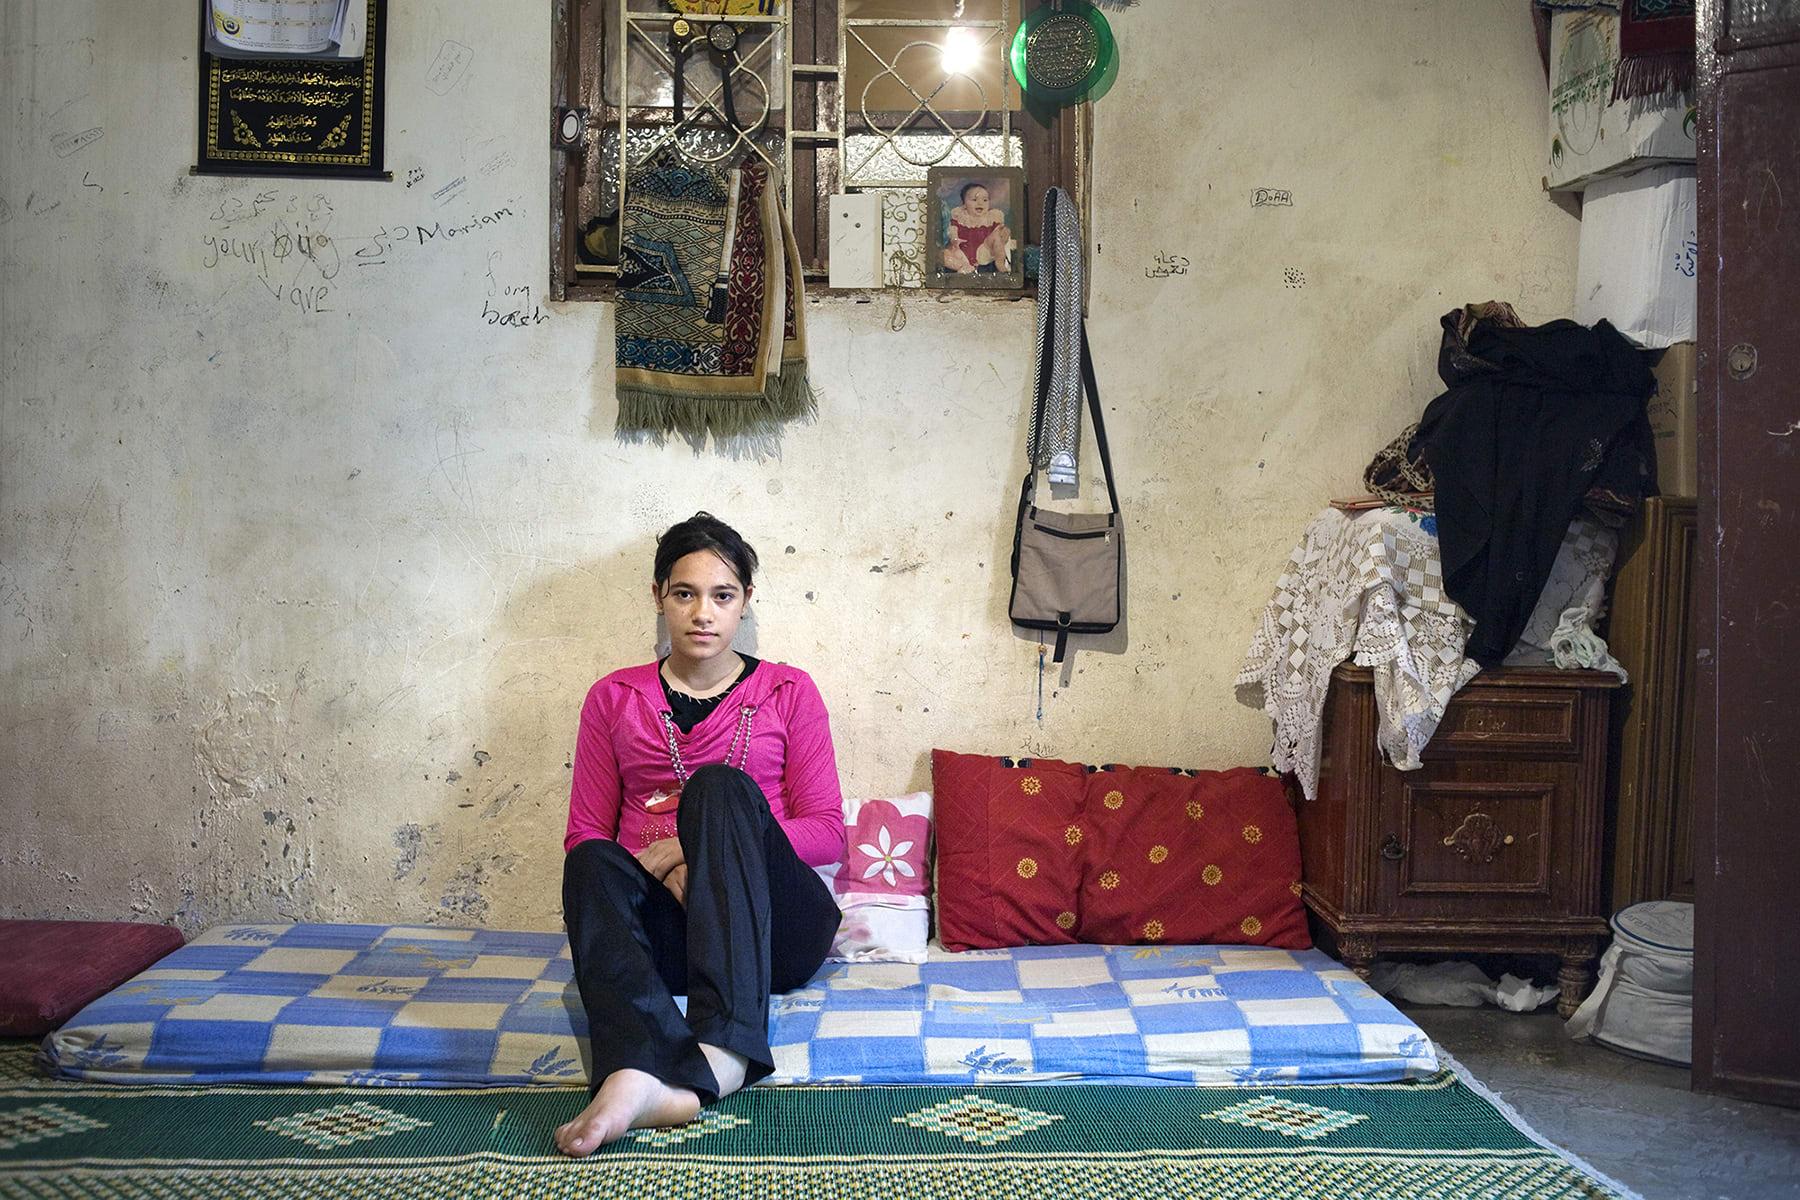 مريم، مخيم البرج الشمالي للاجئين الفلسطينيين، لبنان، 2009.